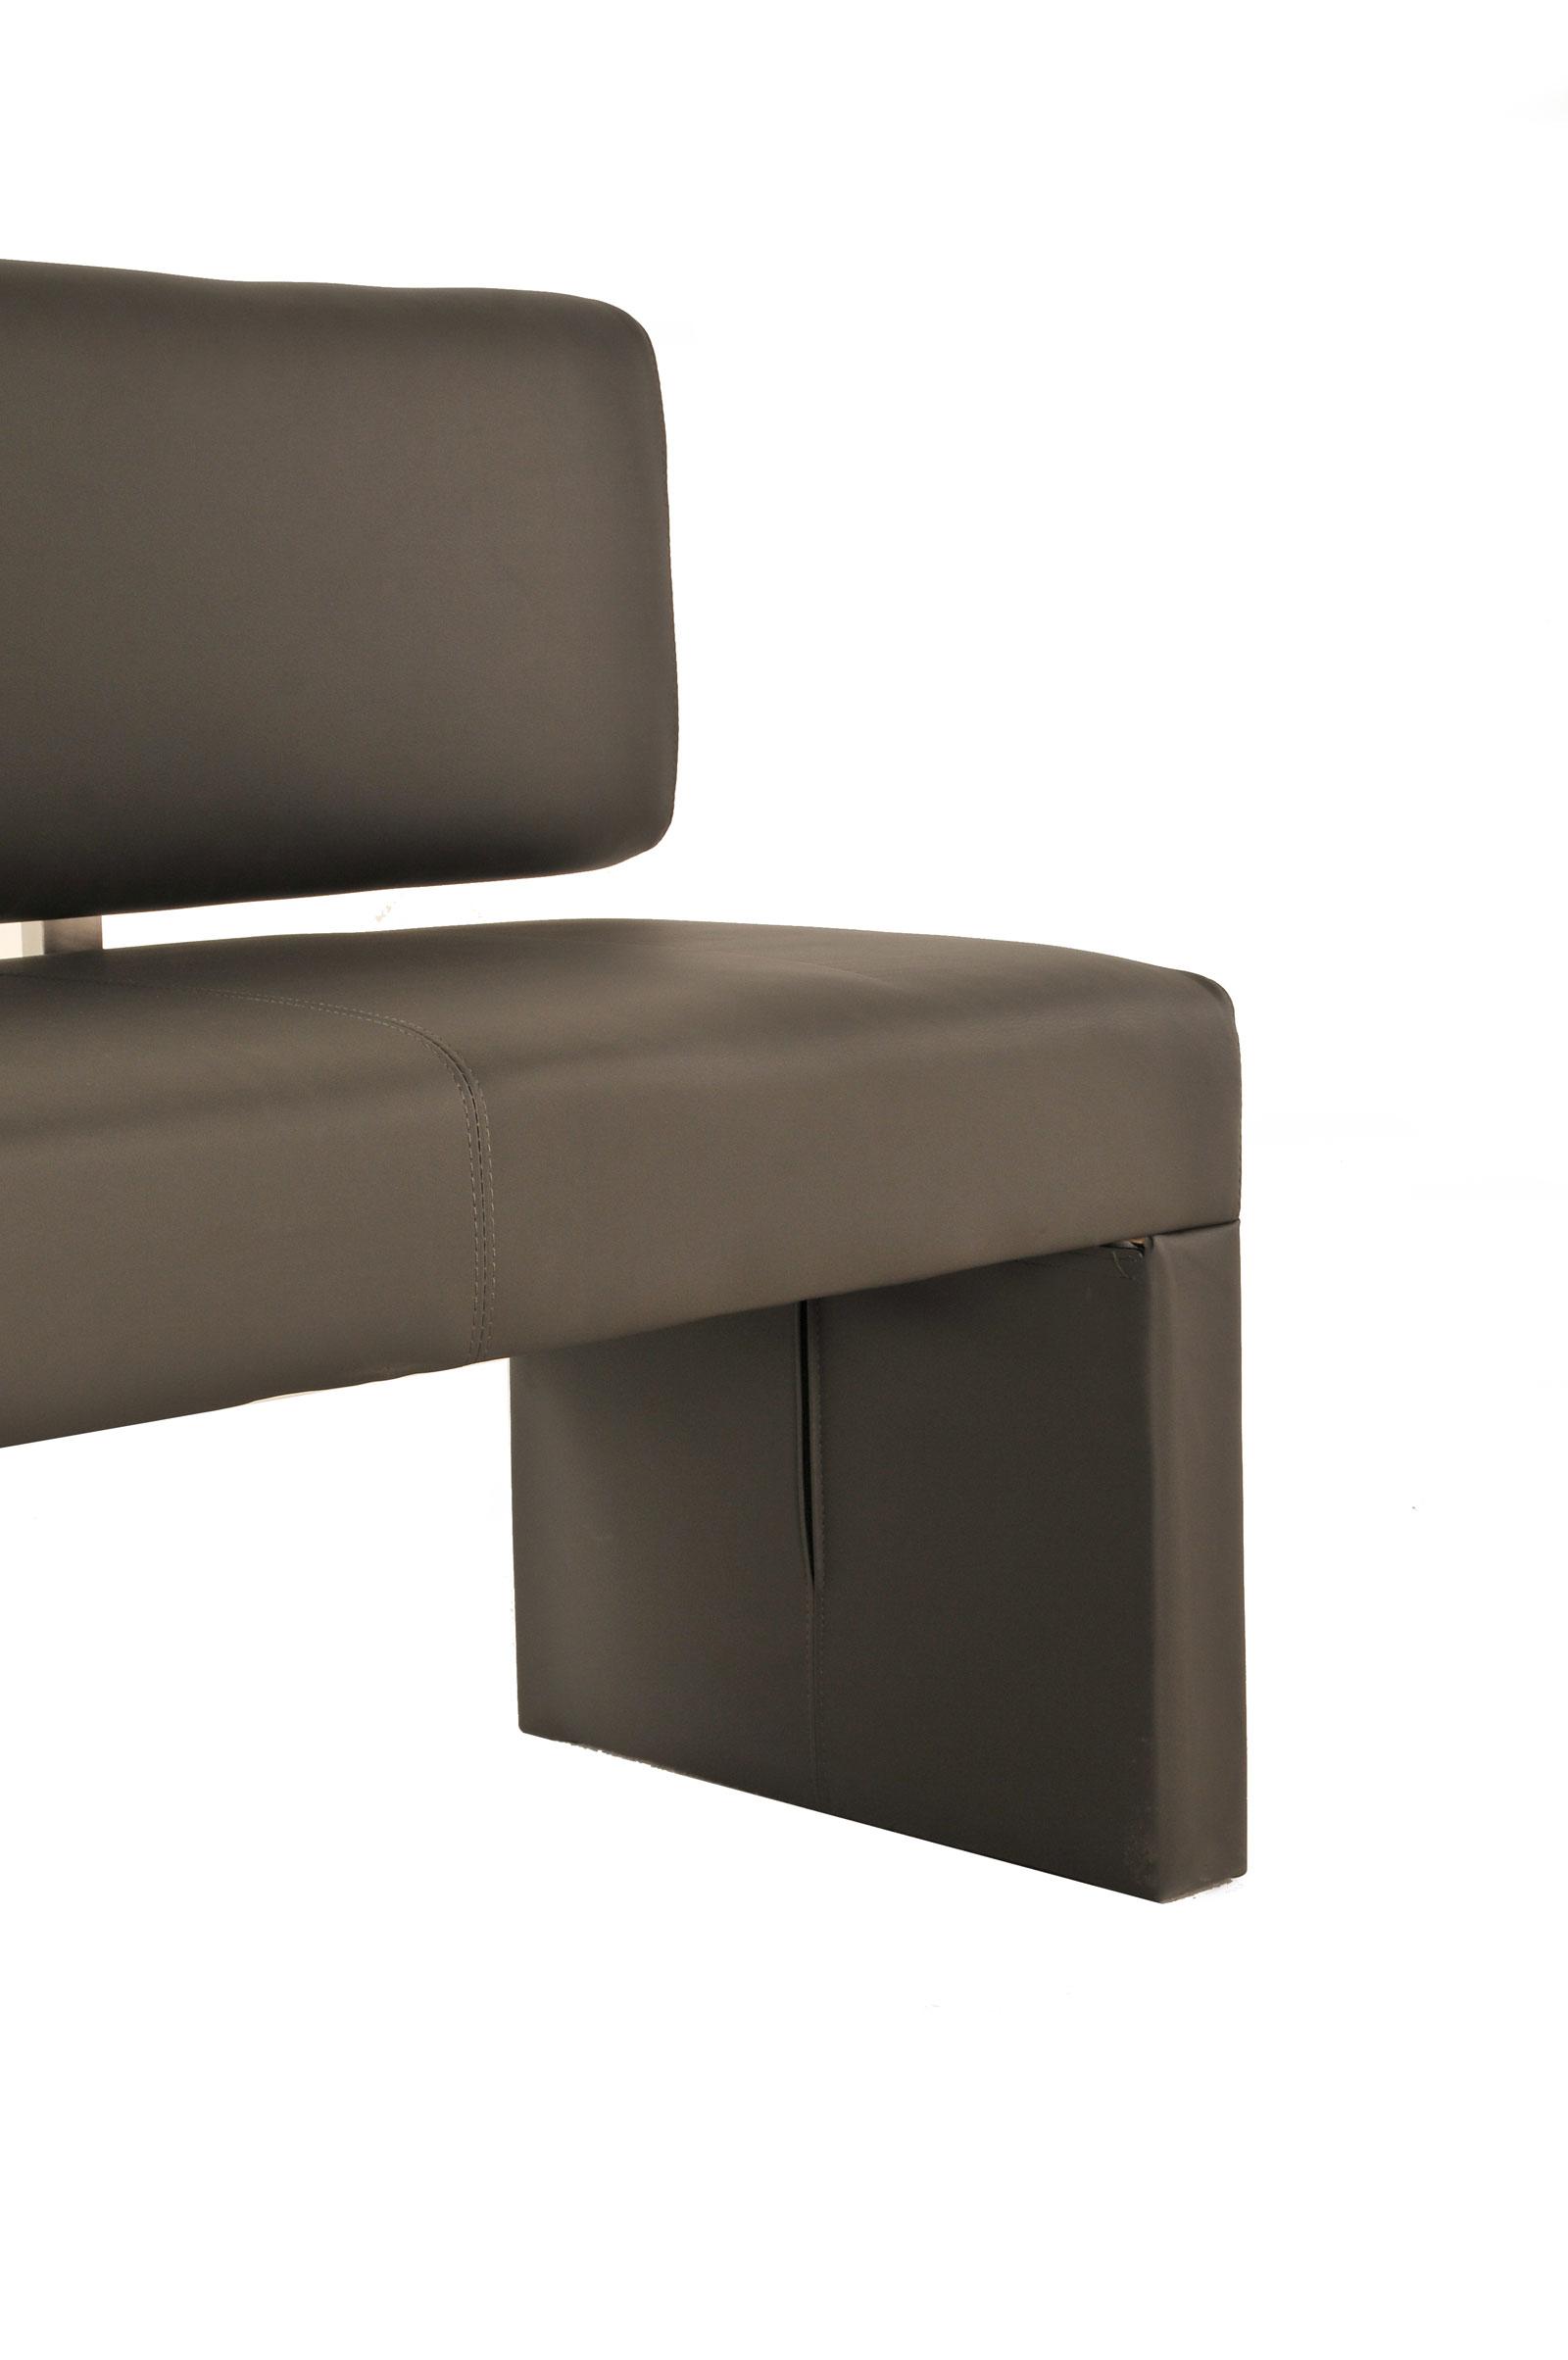 sam sitzbank 200 cm recyceltes leder muddy sina. Black Bedroom Furniture Sets. Home Design Ideas